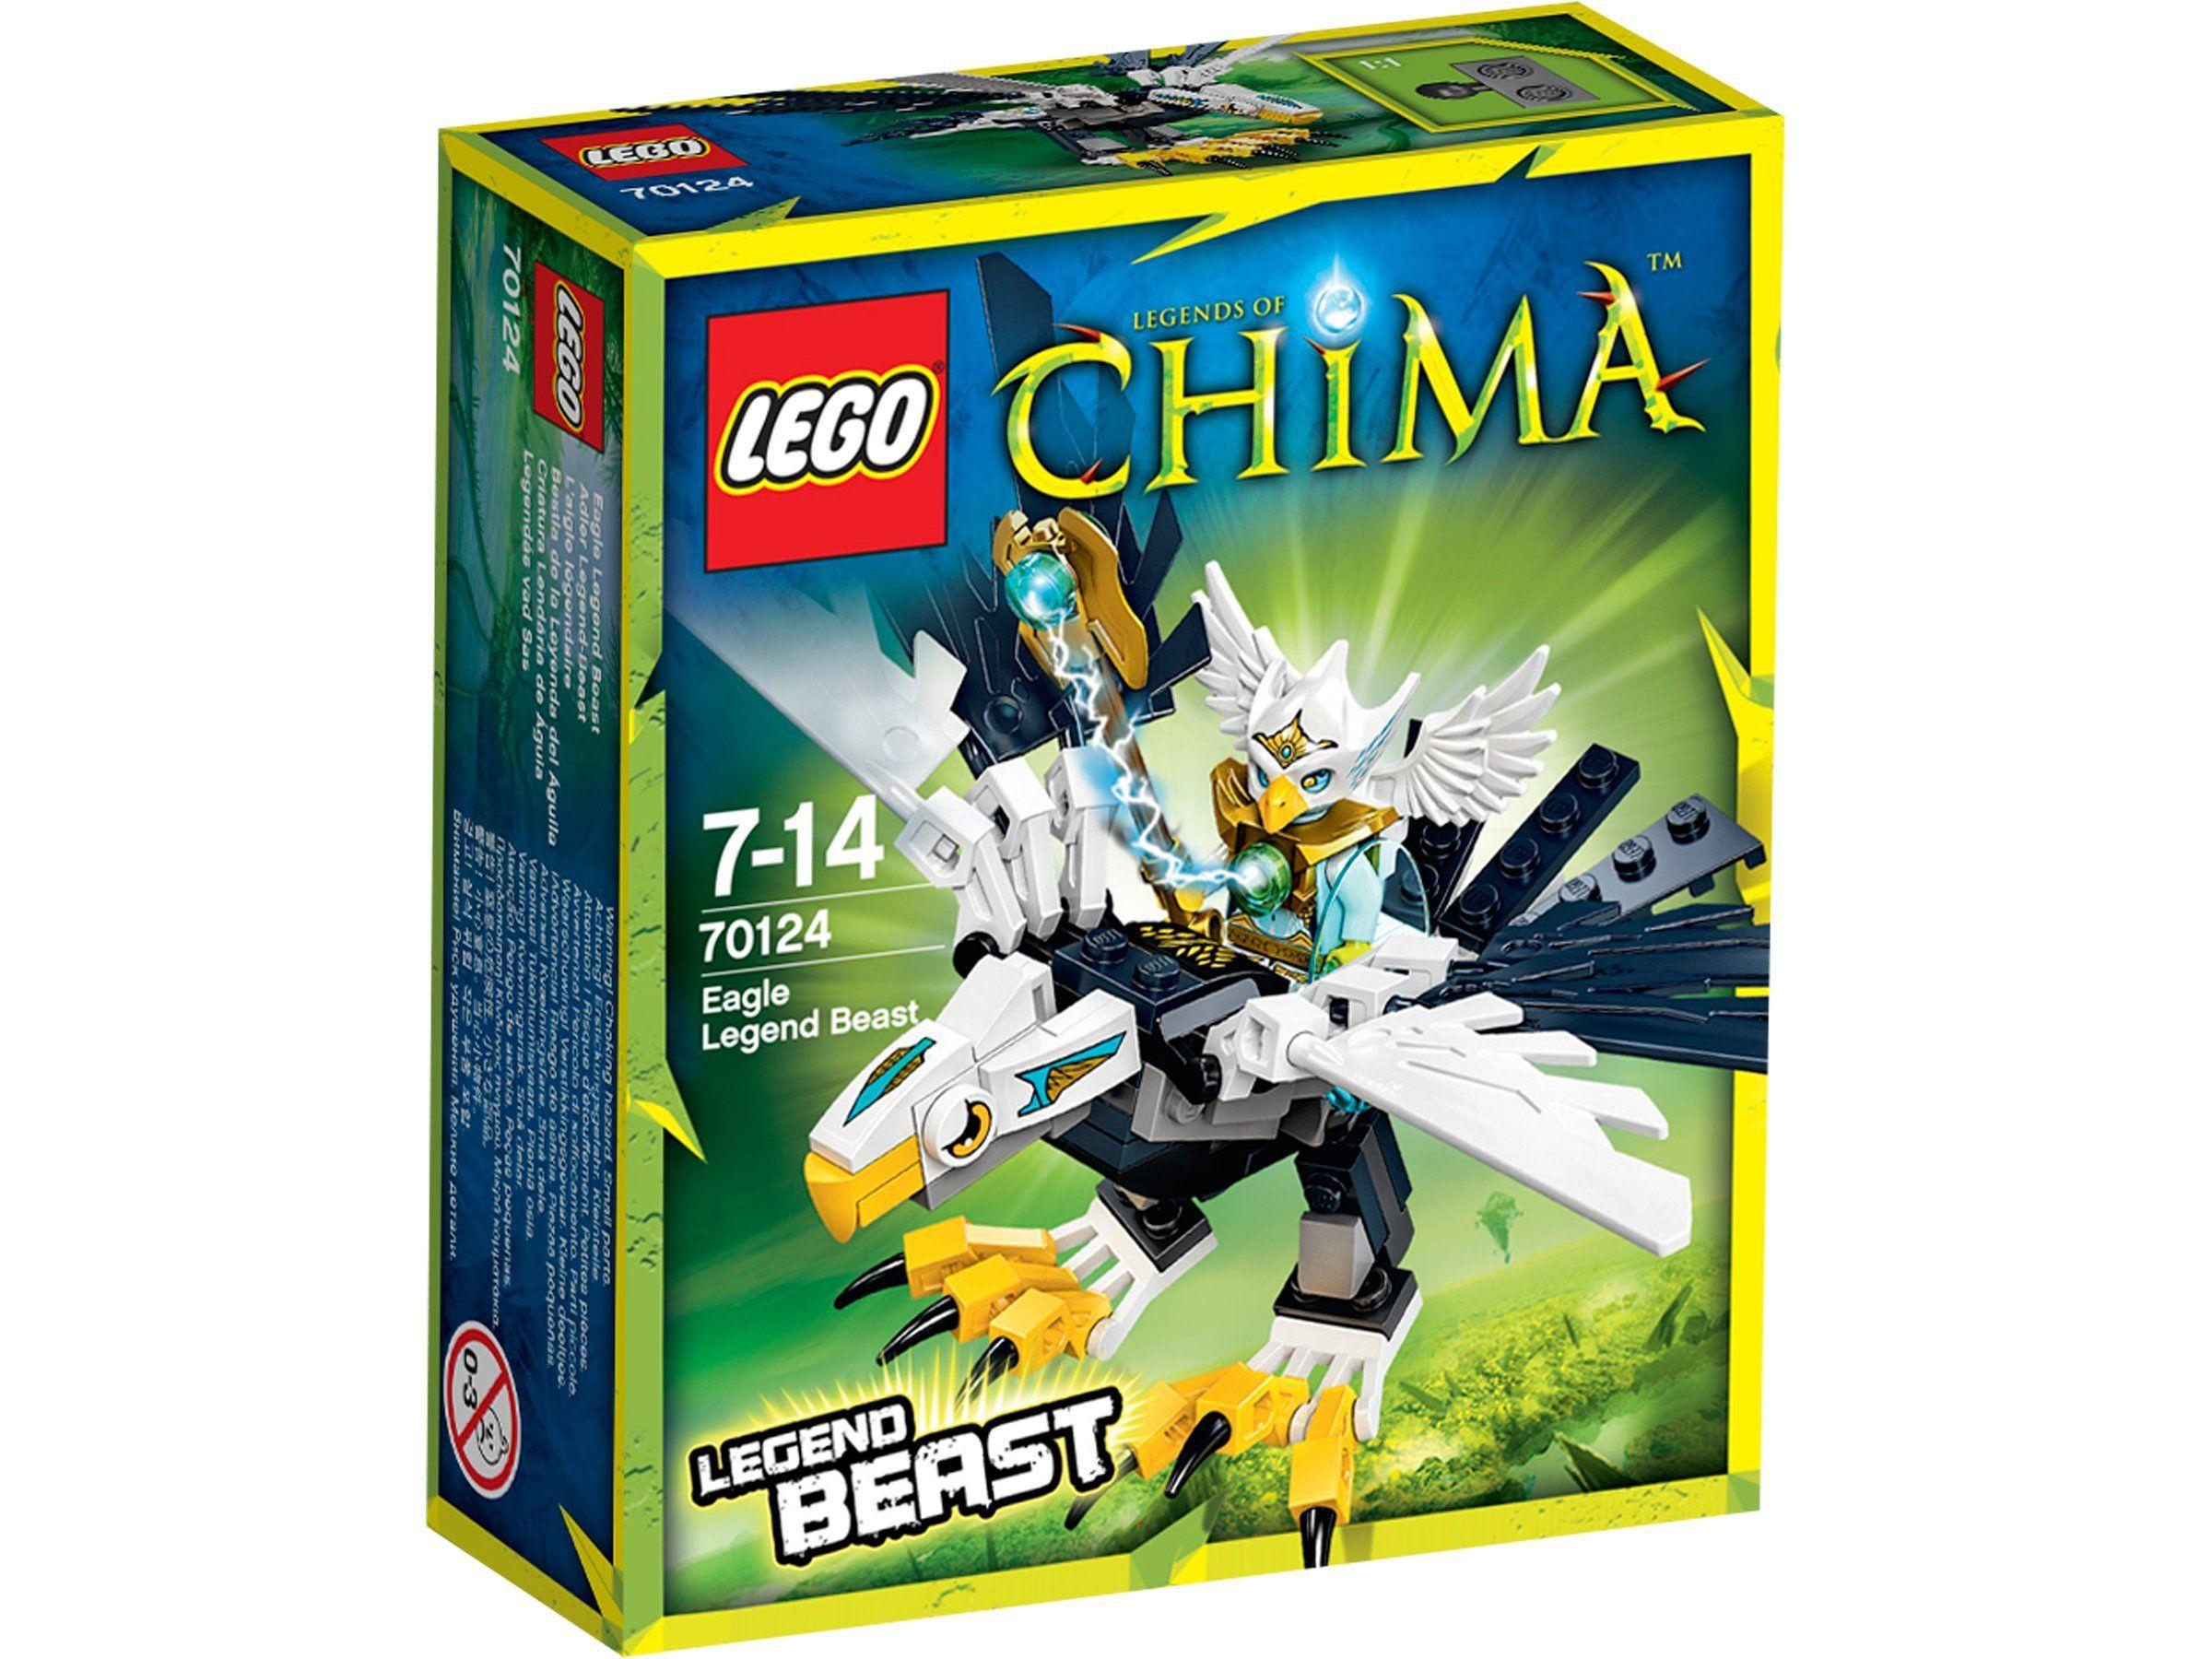 Lego Legends Of Chima Les Animaux Legendaires 70124 Jeu De Construction L Aigle Legendaire Amazon Fr Jeux Et Jouet Lego Idees Lego Animaux Legendaire